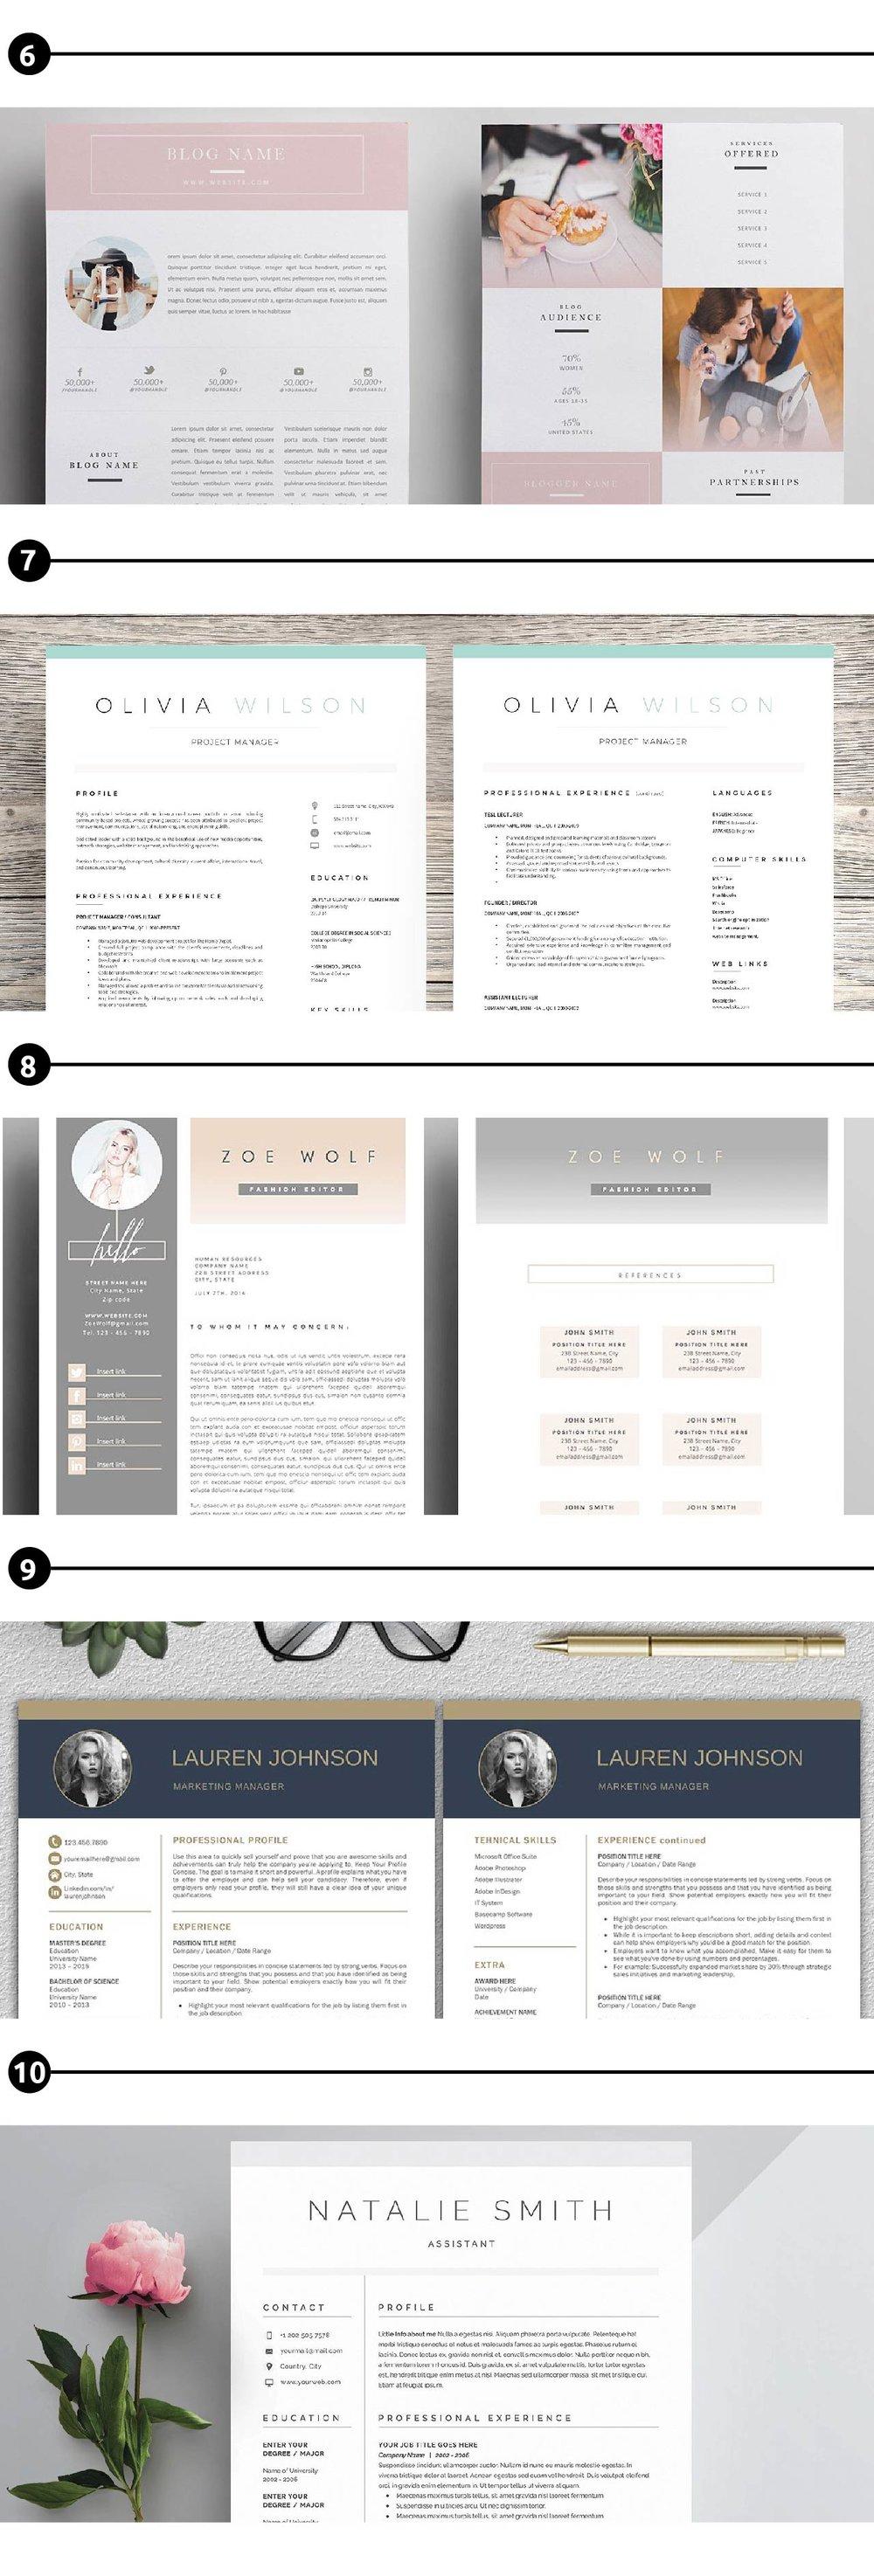 Cómo Hacer Que Tu Currículum Llame La Atención + 10 Diseños De Currículums | Hoy te cuento sobre diseños de currículums y por qué son tan importantes. También hablaré de como puedes crear un currículum corto, conciso, e interesante.